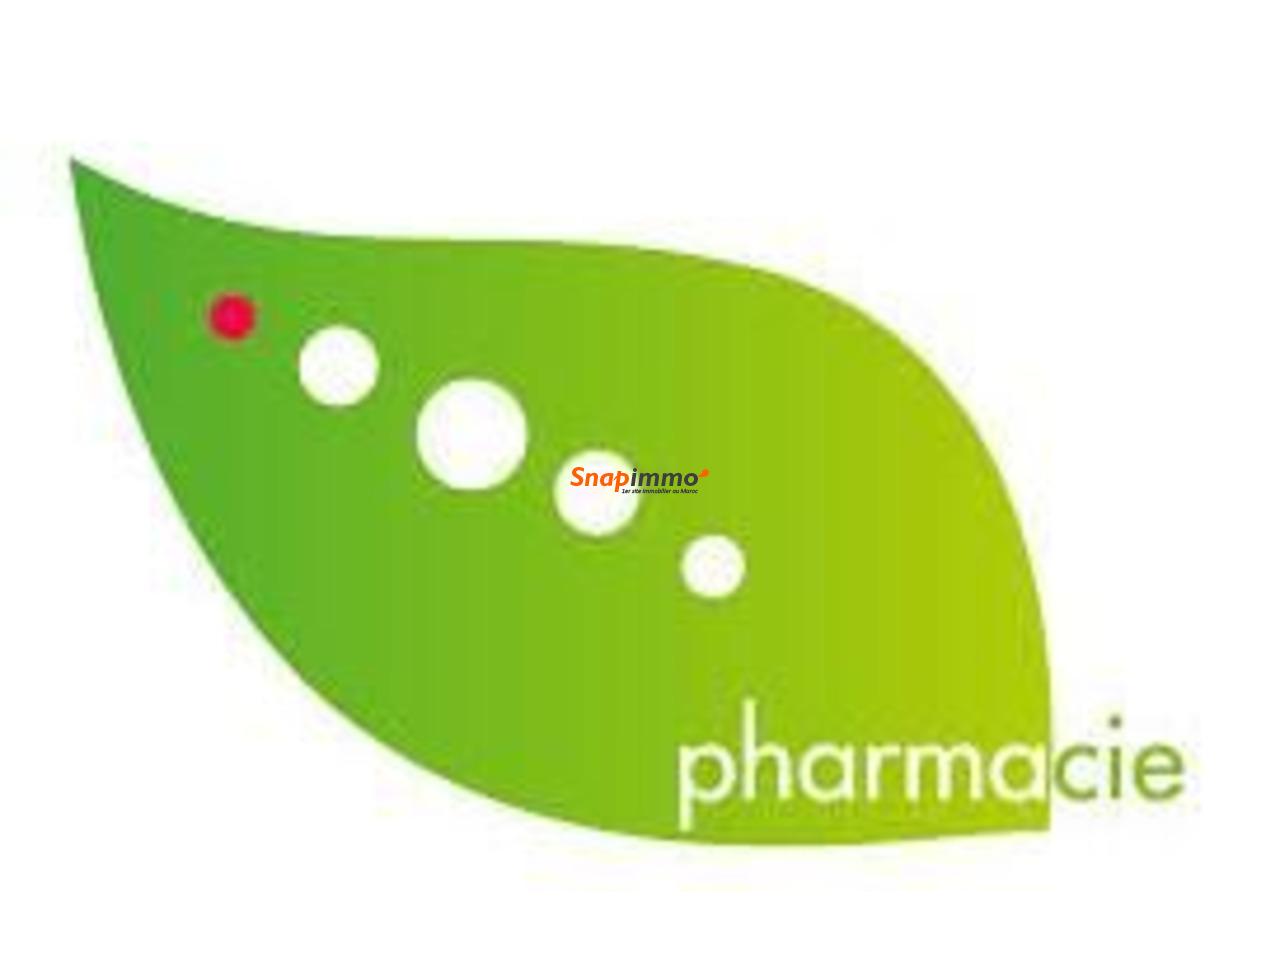 Vente fond de commerce de pharmacie à Imintanoute - 1/1